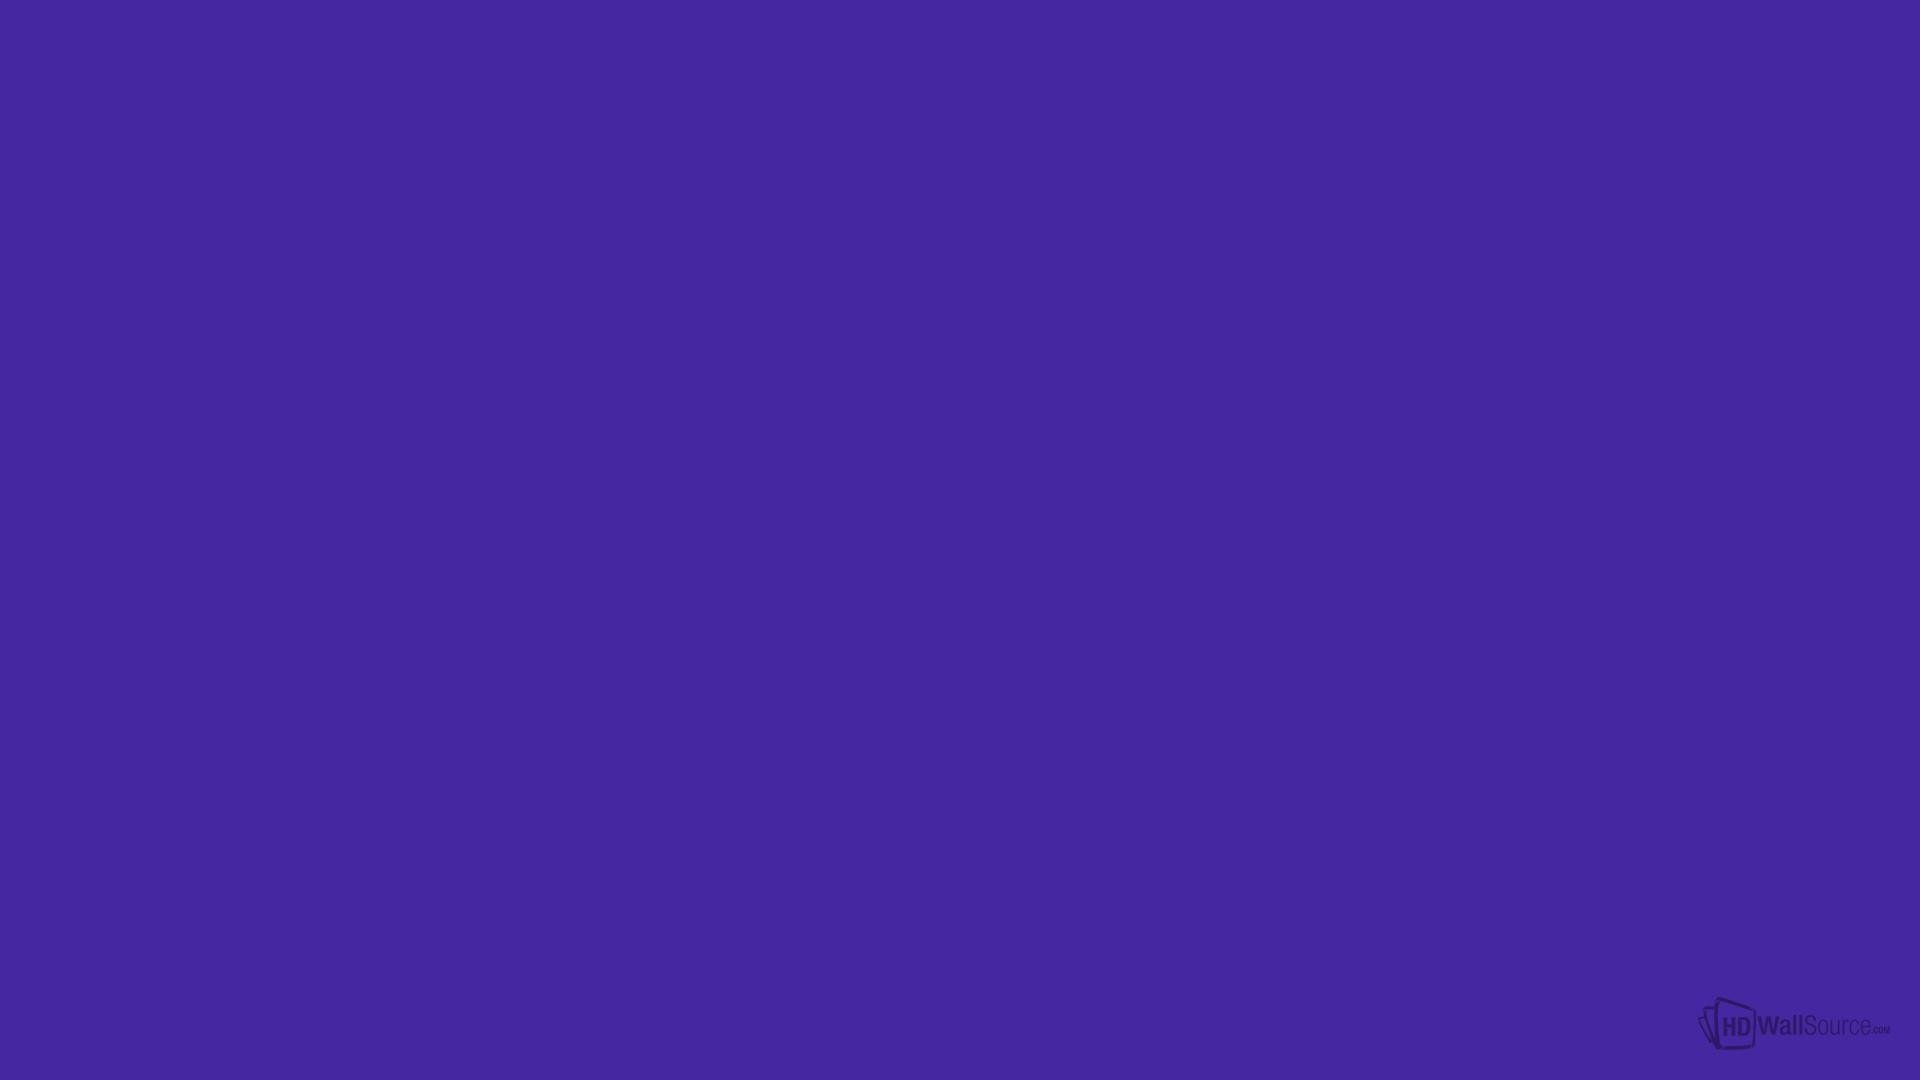 4527a0 wallpaper 70629